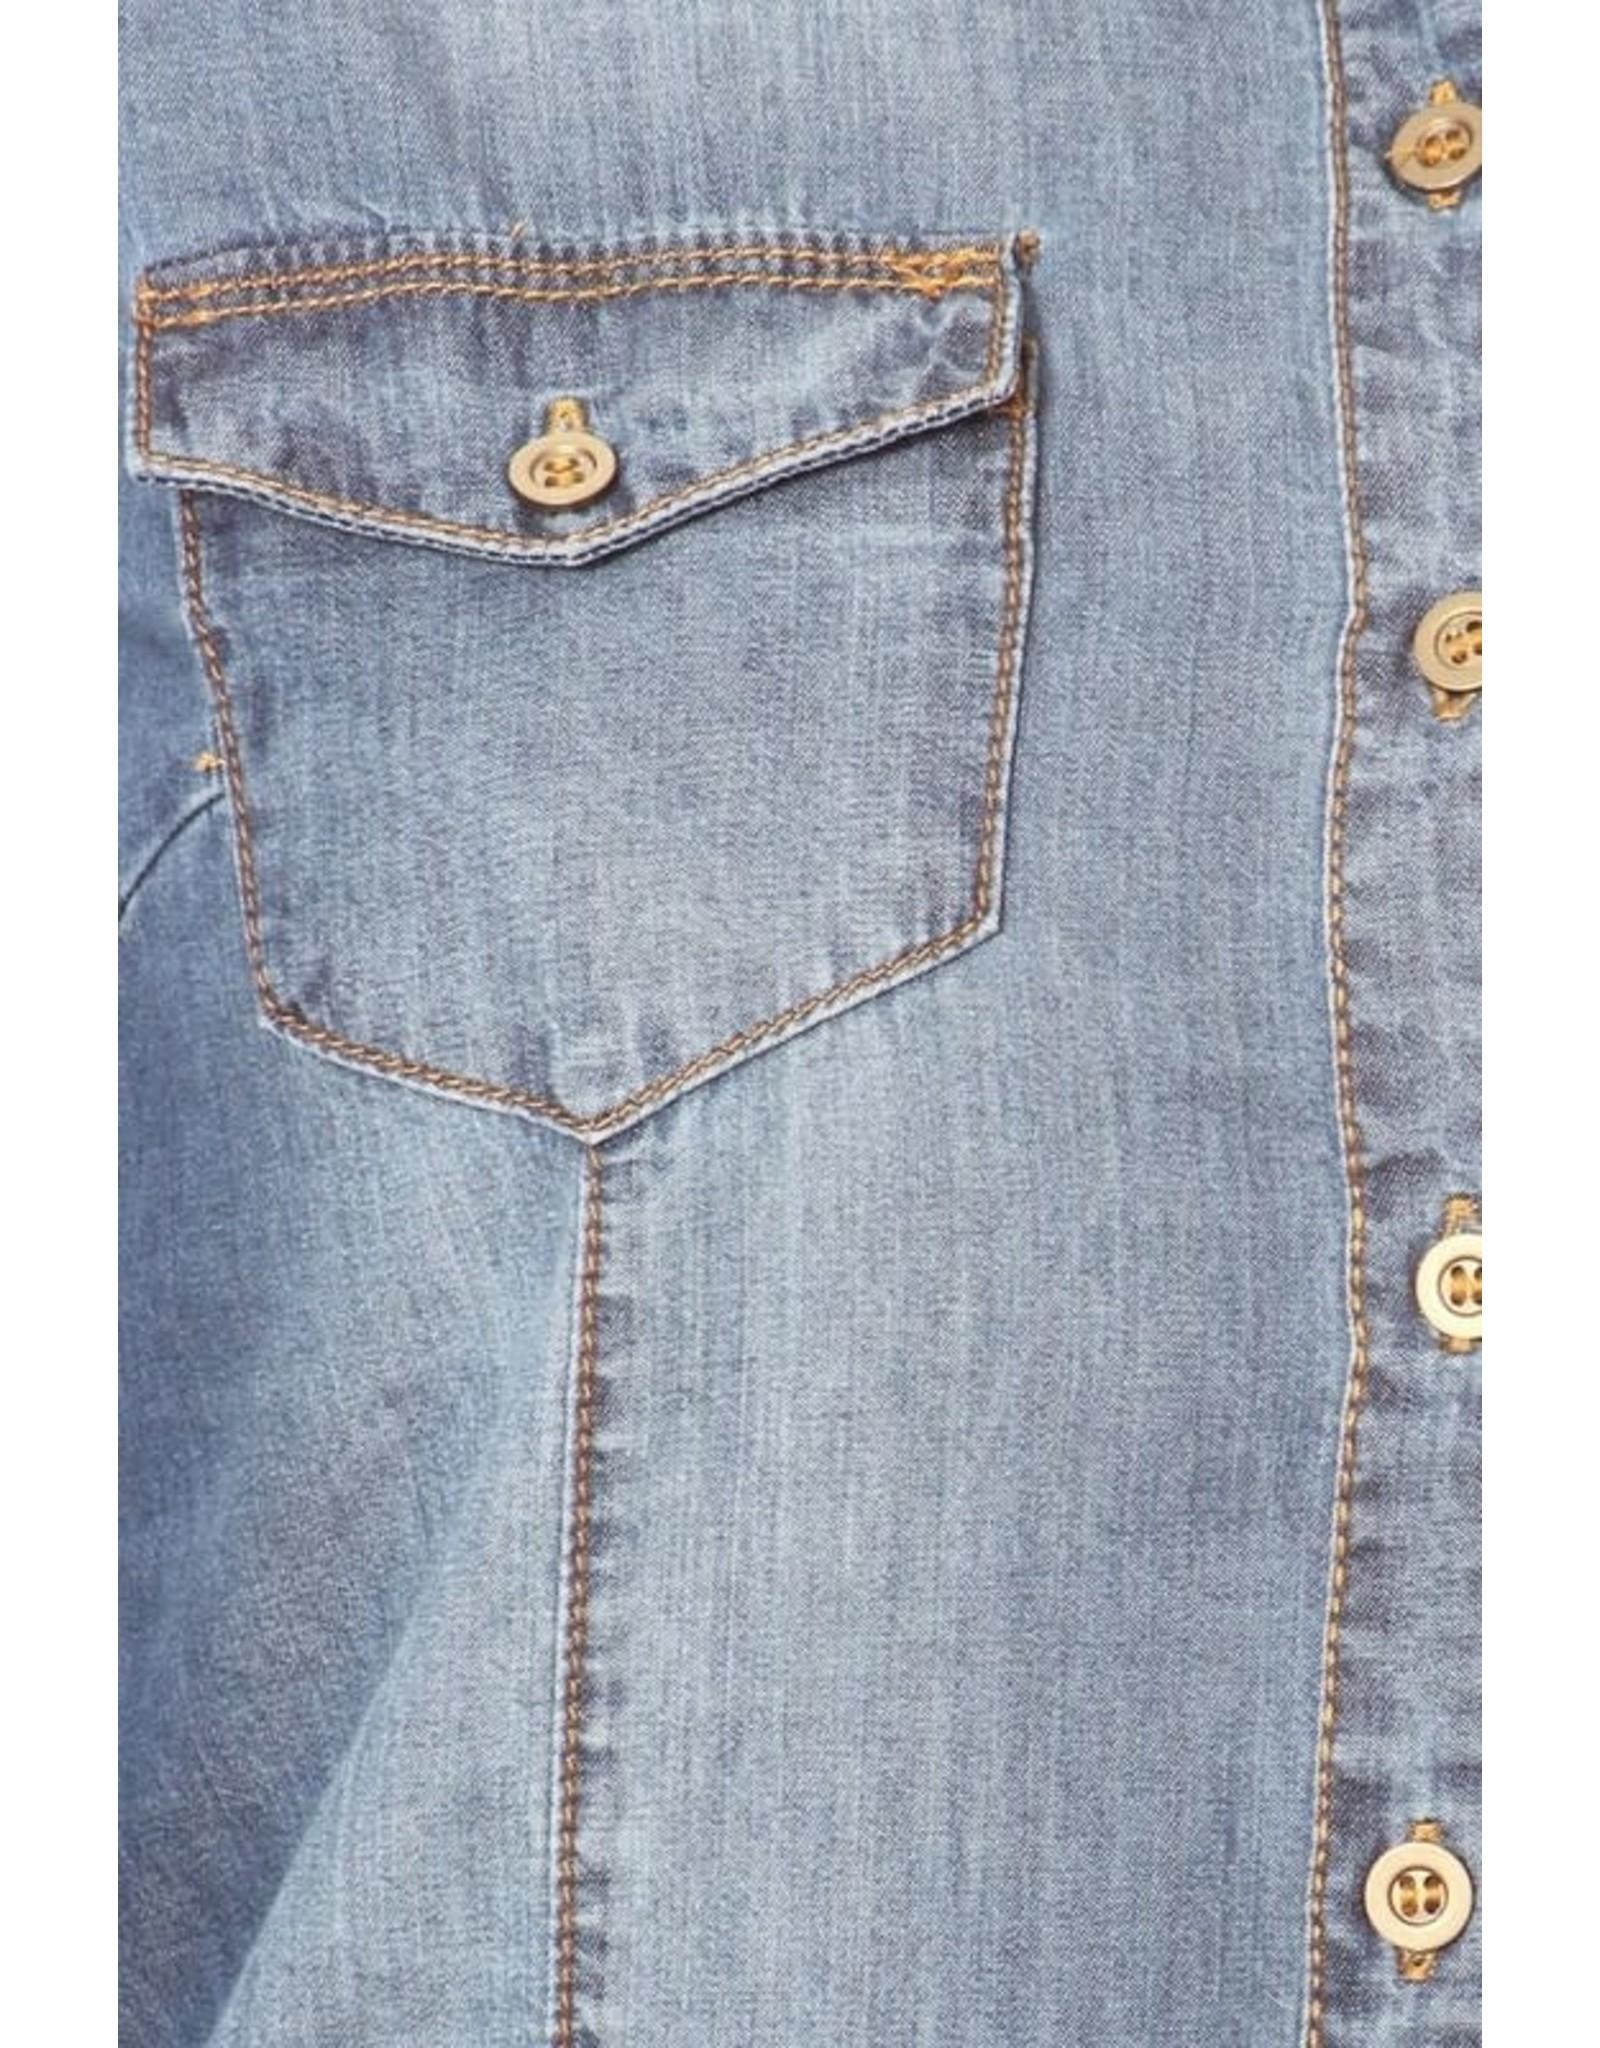 Color5 SYD Button Up Denim Top